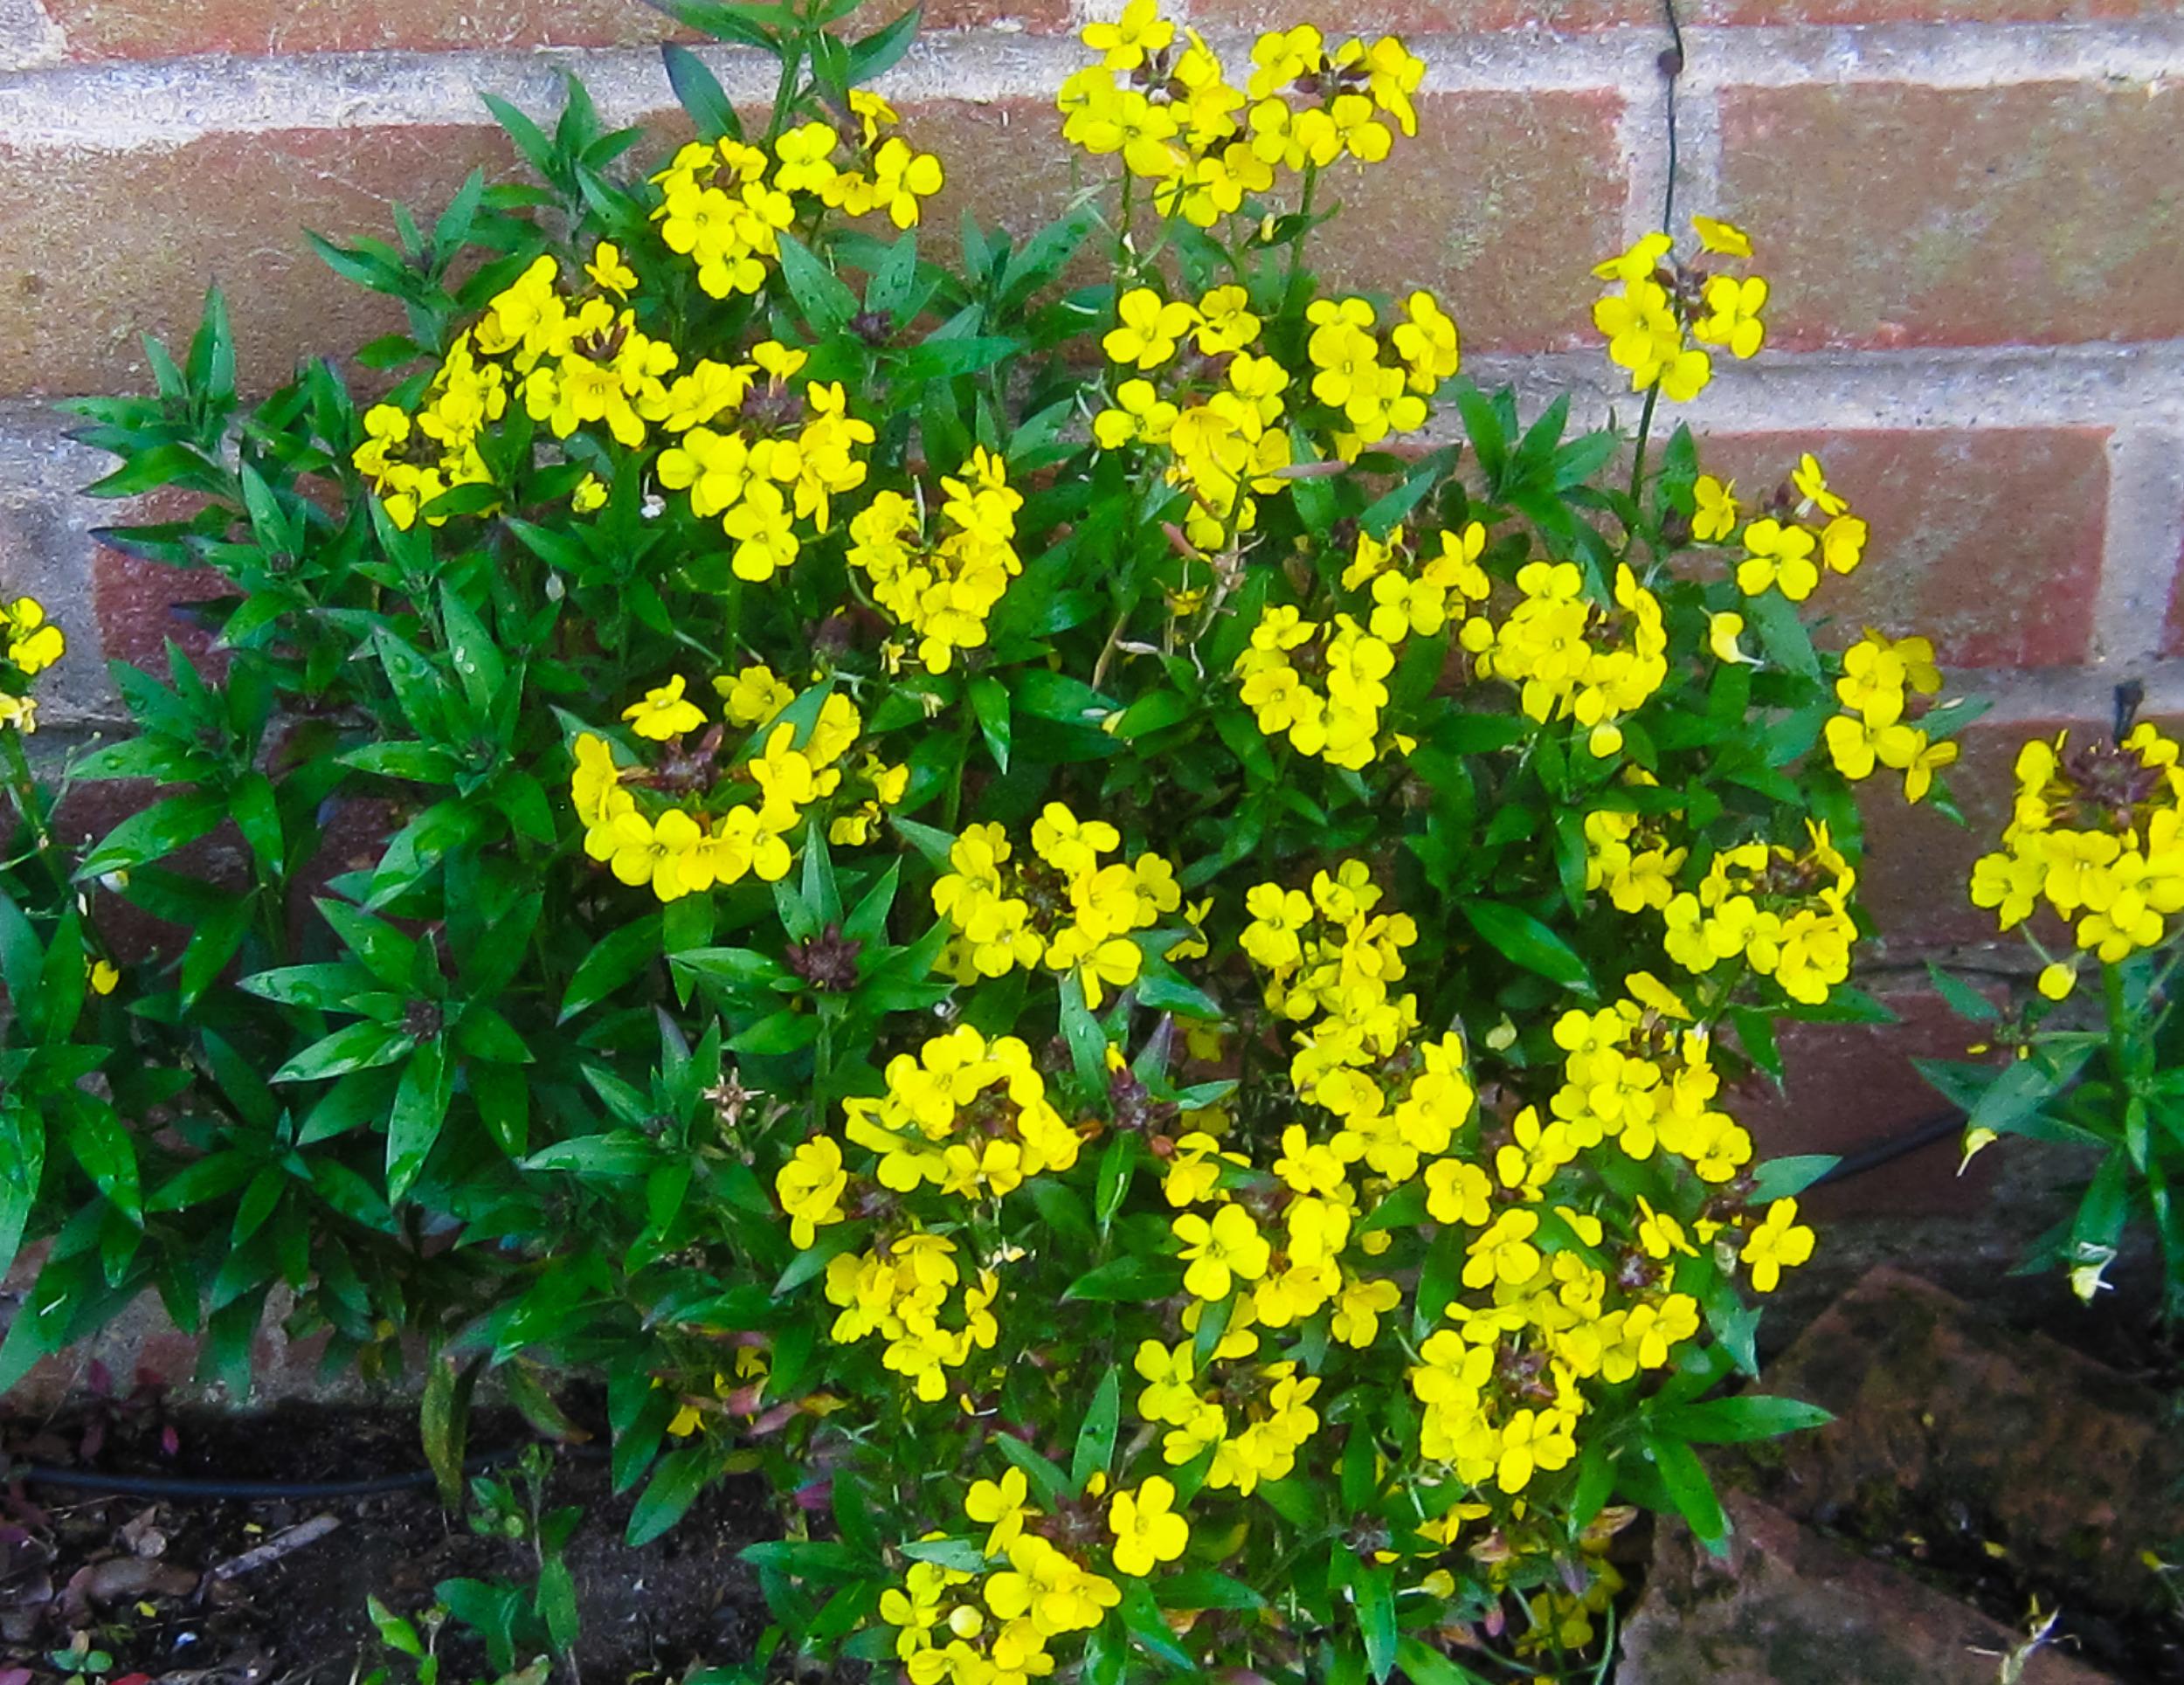 Native wallflower - cheiranthus cheiri self-seeded by my kitchen door